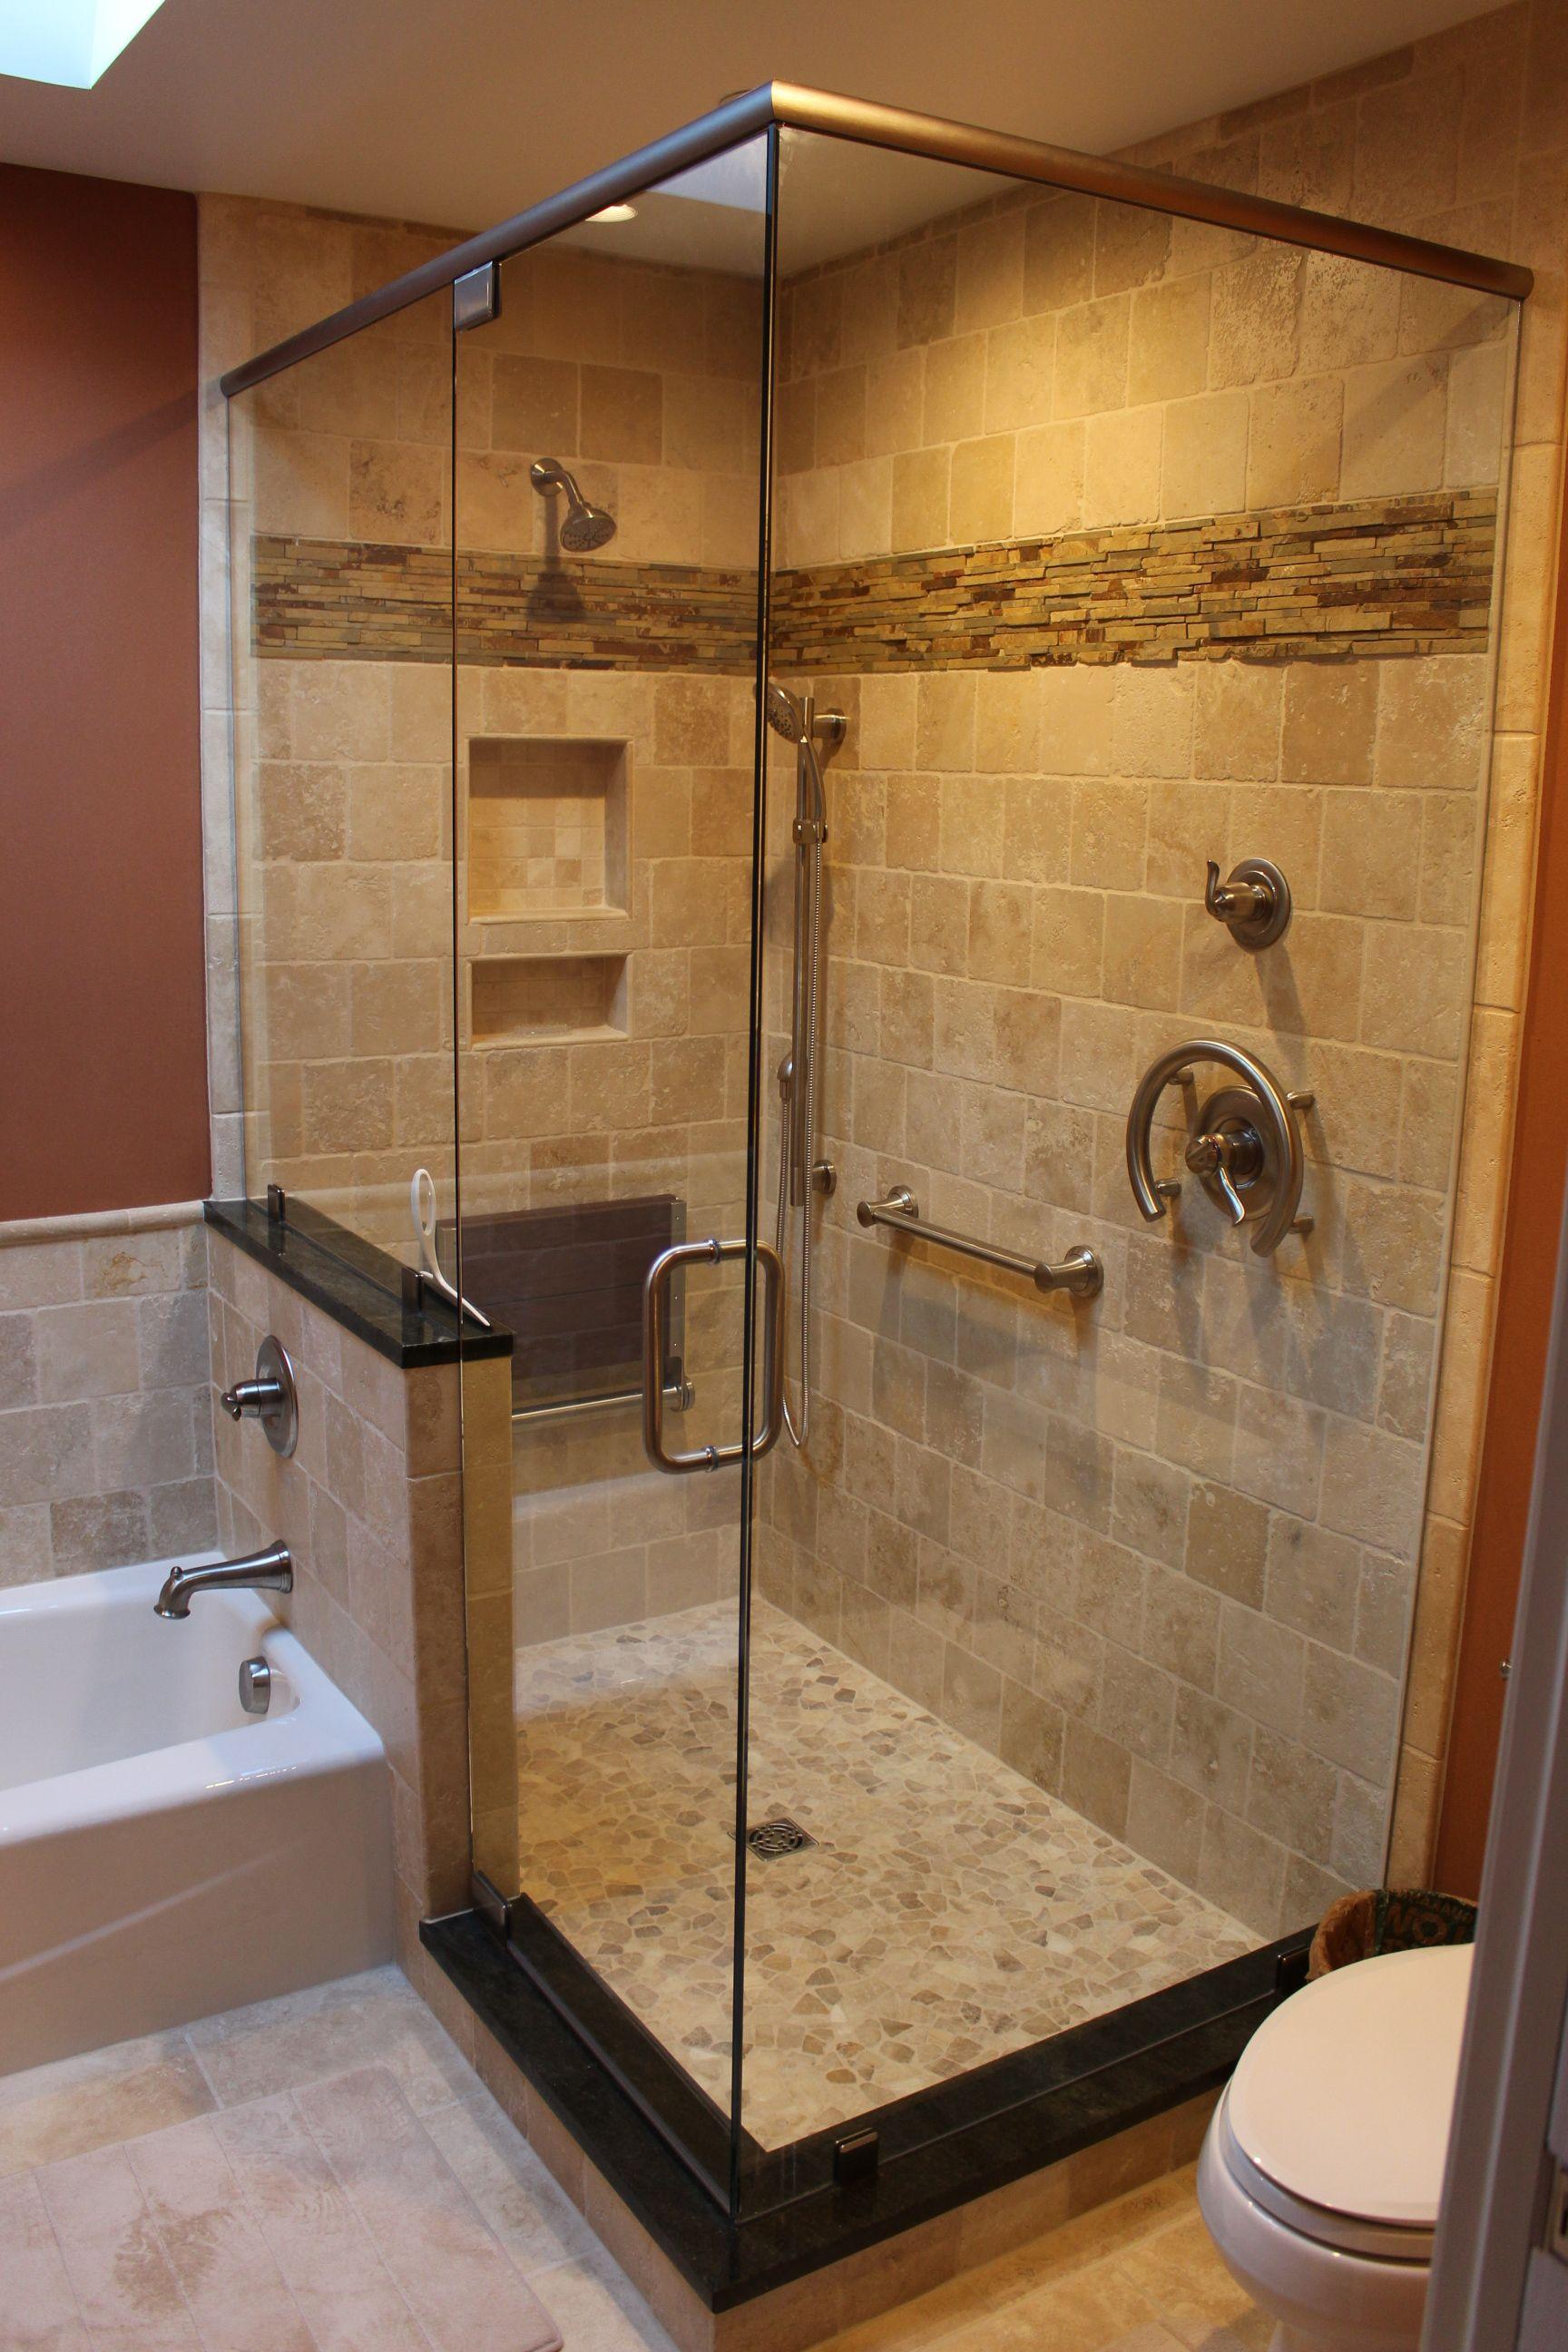 Travertine Shower Bath Surround And Heated Floor Field Stone Accent Best Bathroom Designs Travertine Floors Bathroom Bathrooms Remodel